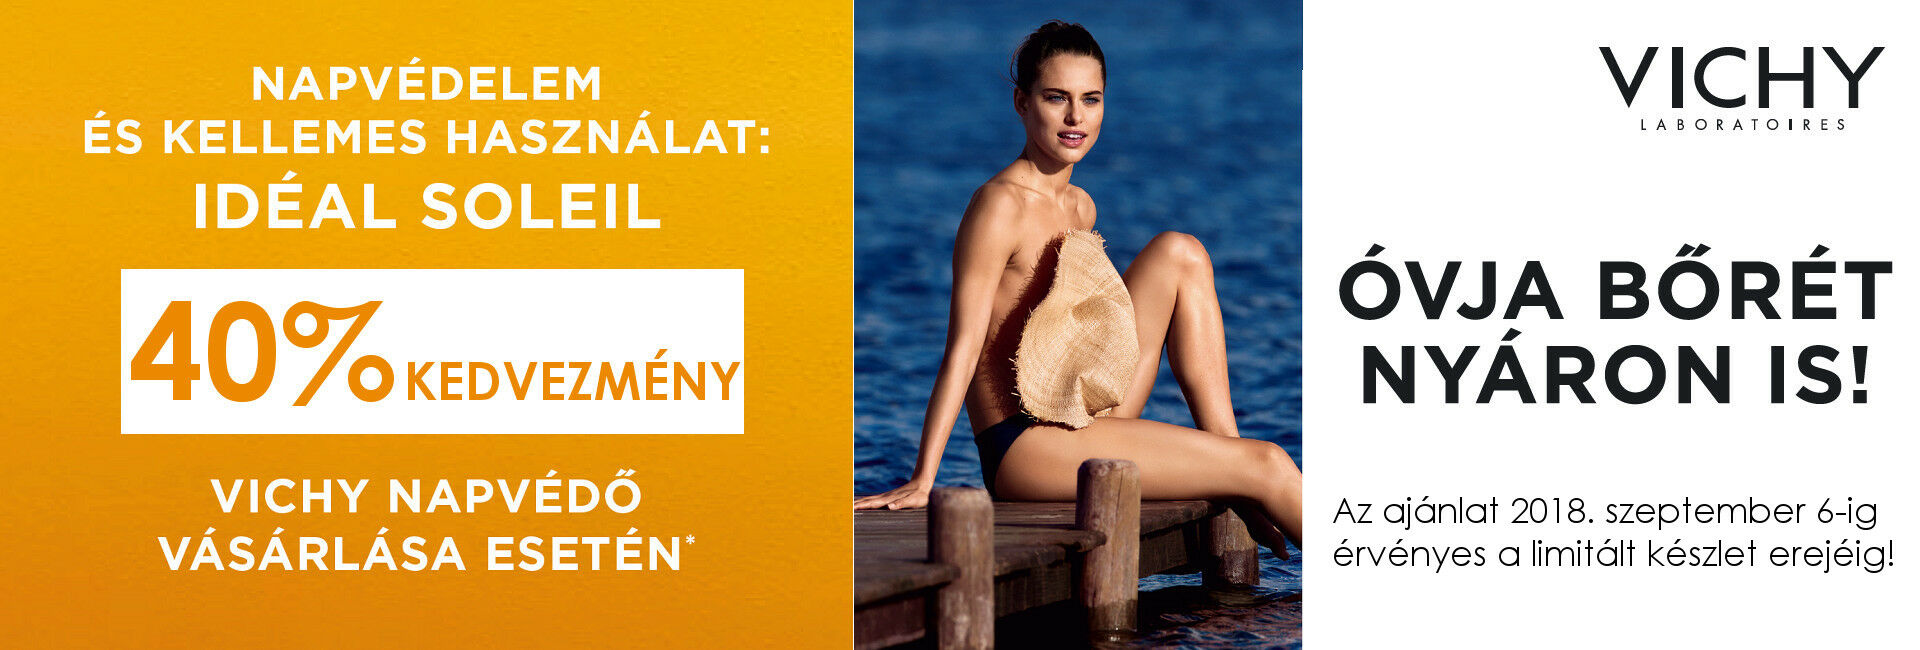 2018. szeptember 6-ig minden Vichy Idéal Soleil napvédő termékre 40% kedvezményt adunk!